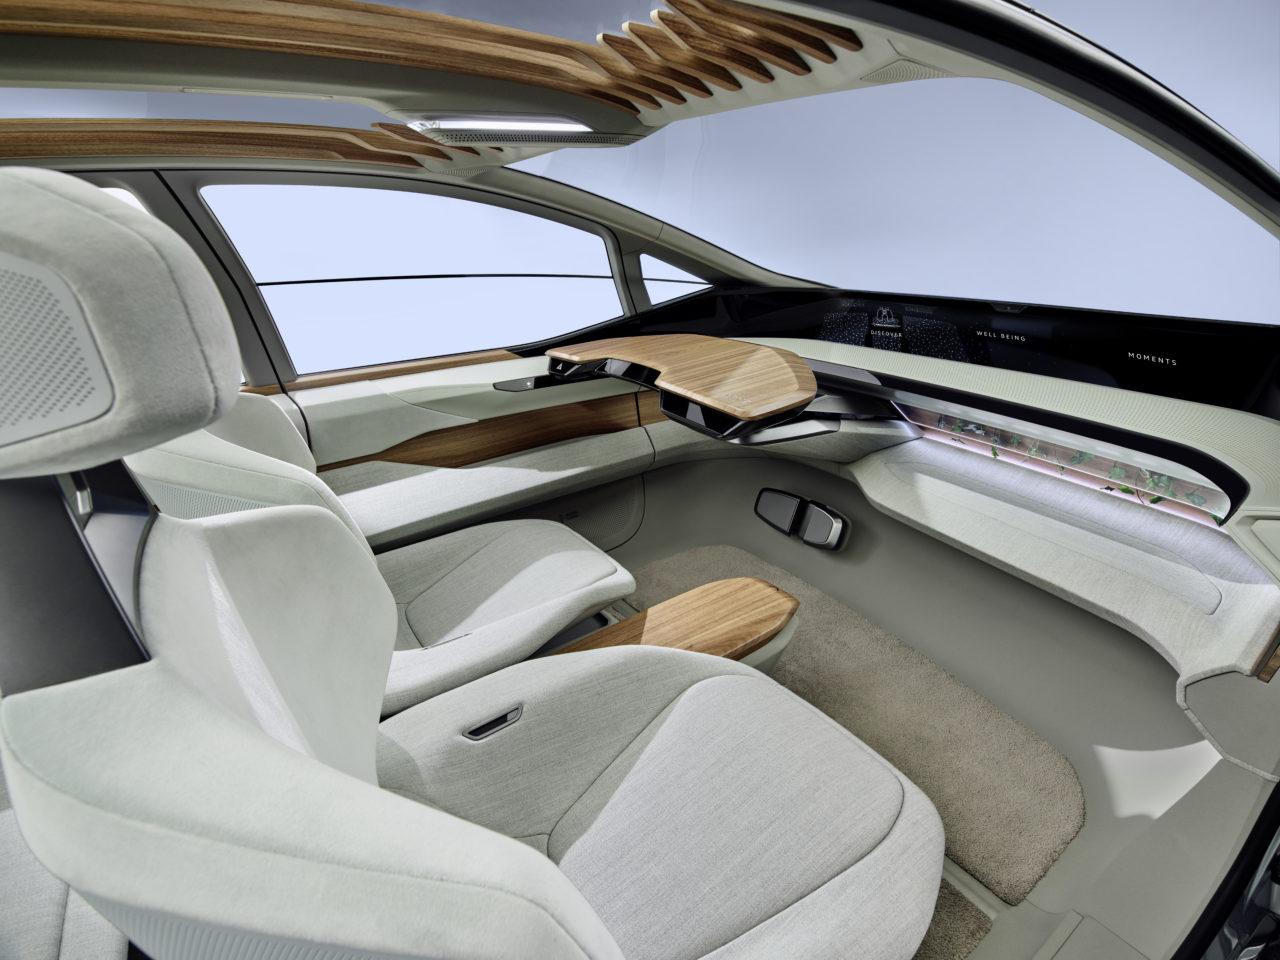 Da der Audi AI:ME gezielt auf den Einsatz in der Stadt zugeschnitten ist, komme es weniger auf hohe Reichweiten als auf eine gut nutzbare Einsatzzeit ohne Ladestopps an